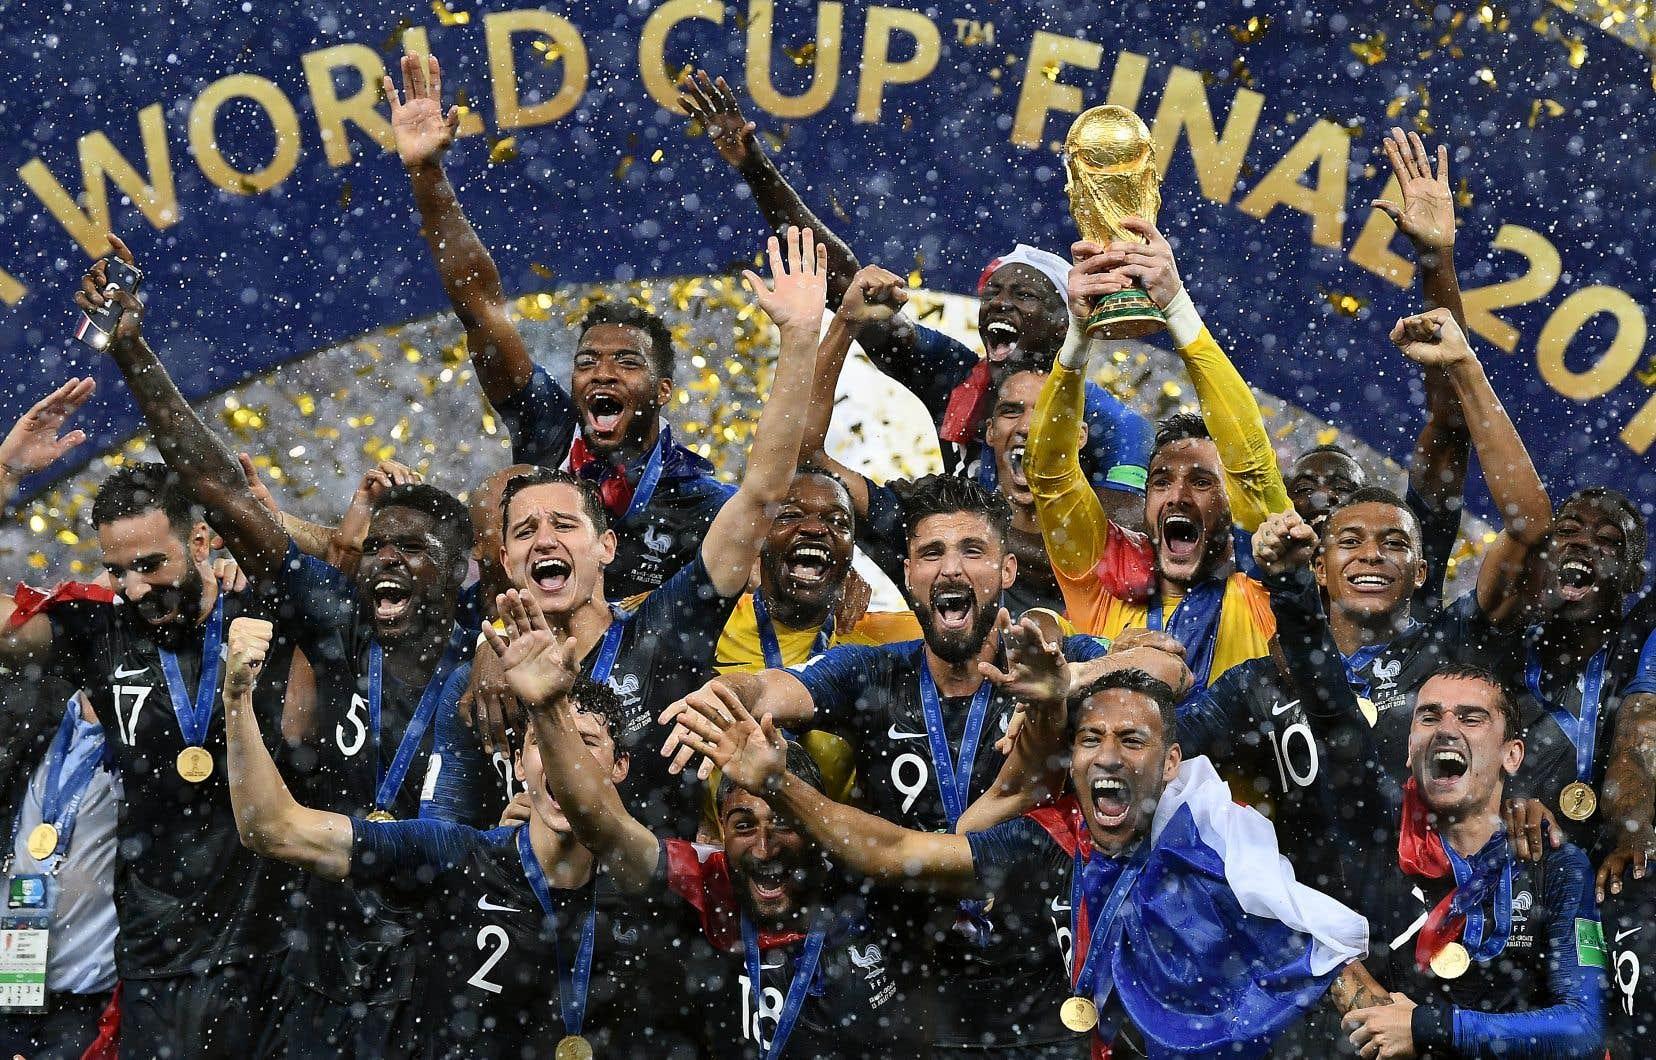 La France est championne de la Coupe du monde de la FIFA pour la deuxième fois de son histoire, après le sacre de 1998.